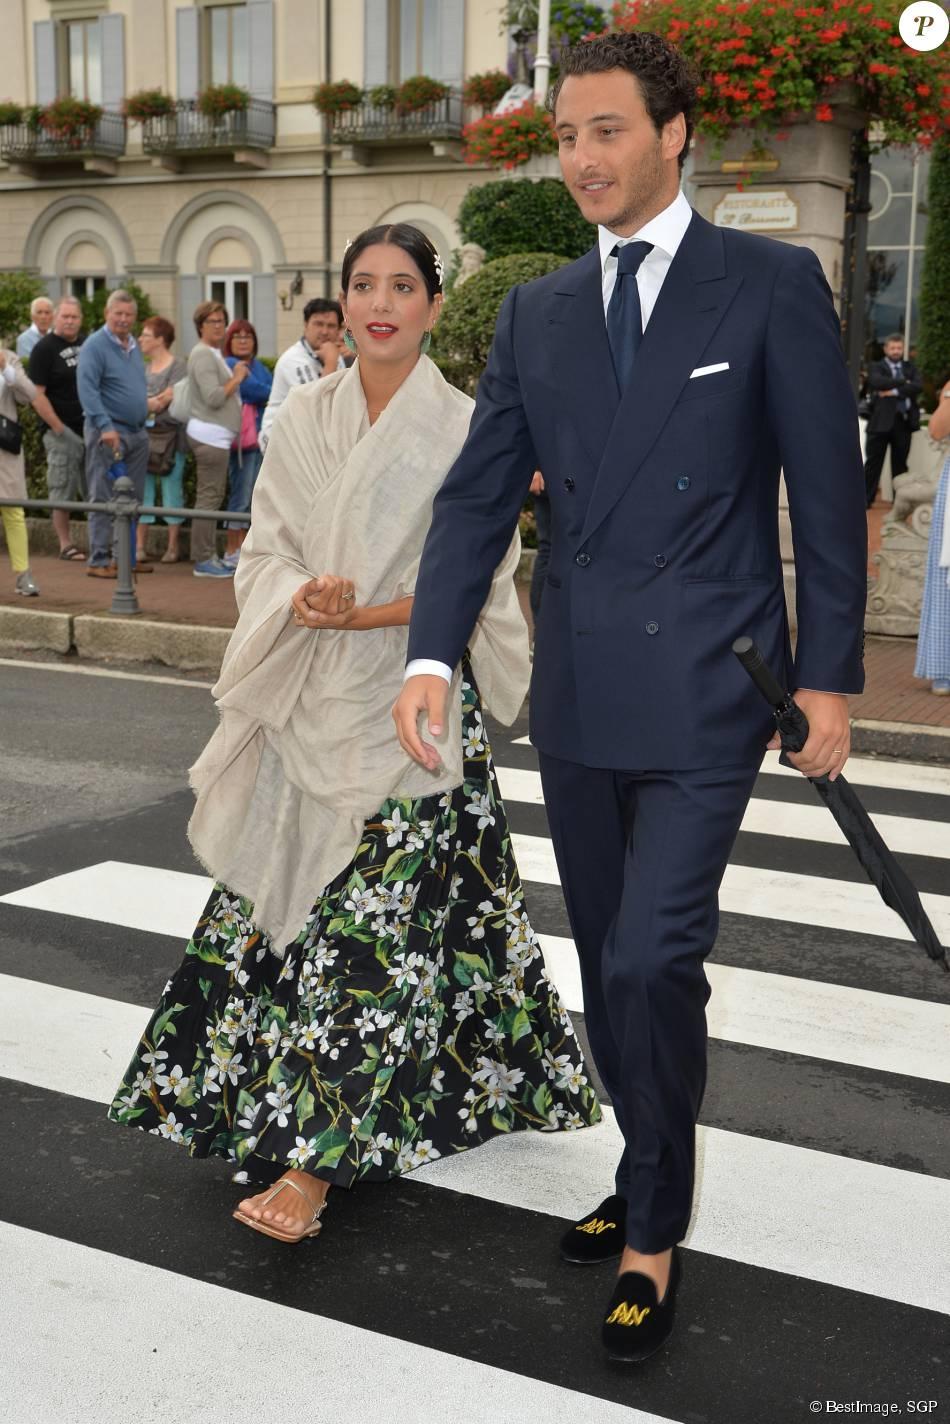 Noor Farès et son mari Alexandre Khawam - Sorties des invités de l'hôtel Borromeo à Stresa pour se rendre au mariage religieux de Pierre Casiraghi et Beatrice Borromeo sur les Iles Borromées, sur le Lac Majeur, le 1er août 2015.